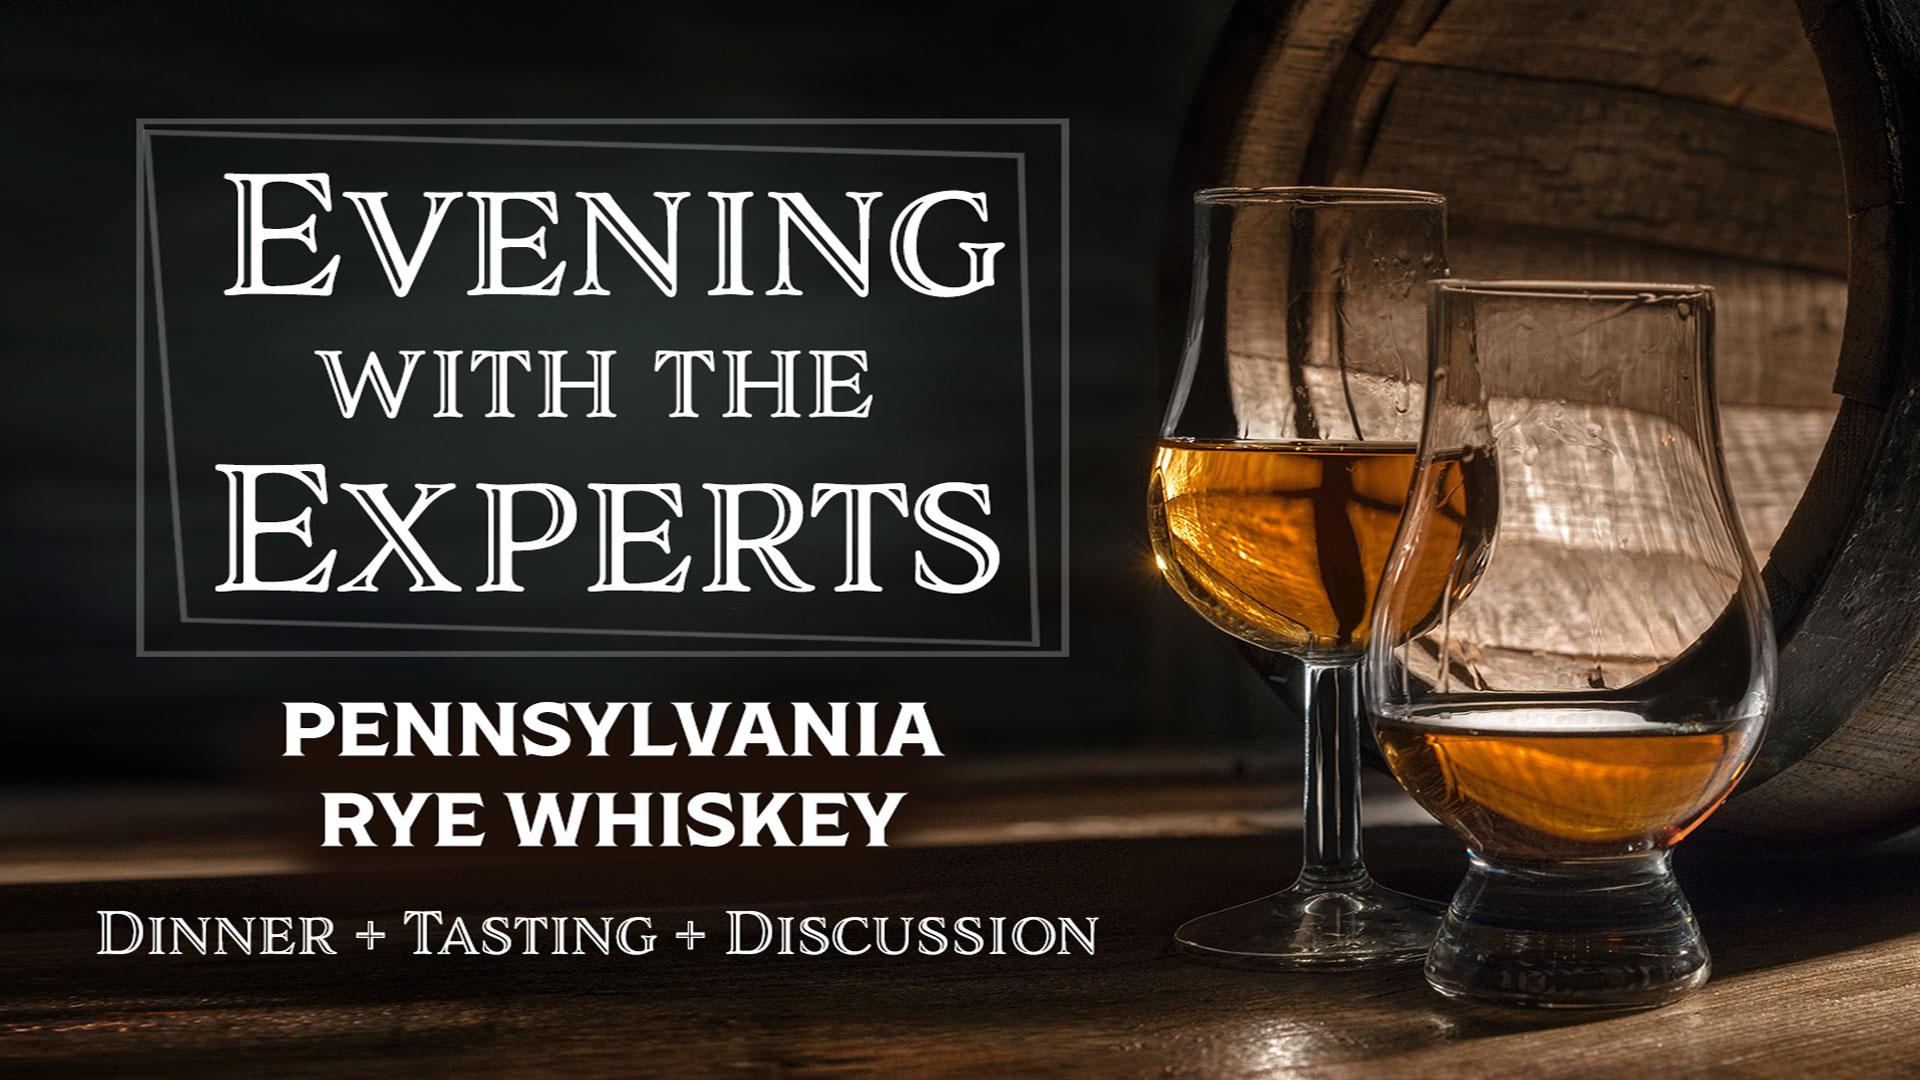 Rye_Whiskey_Event.jpg